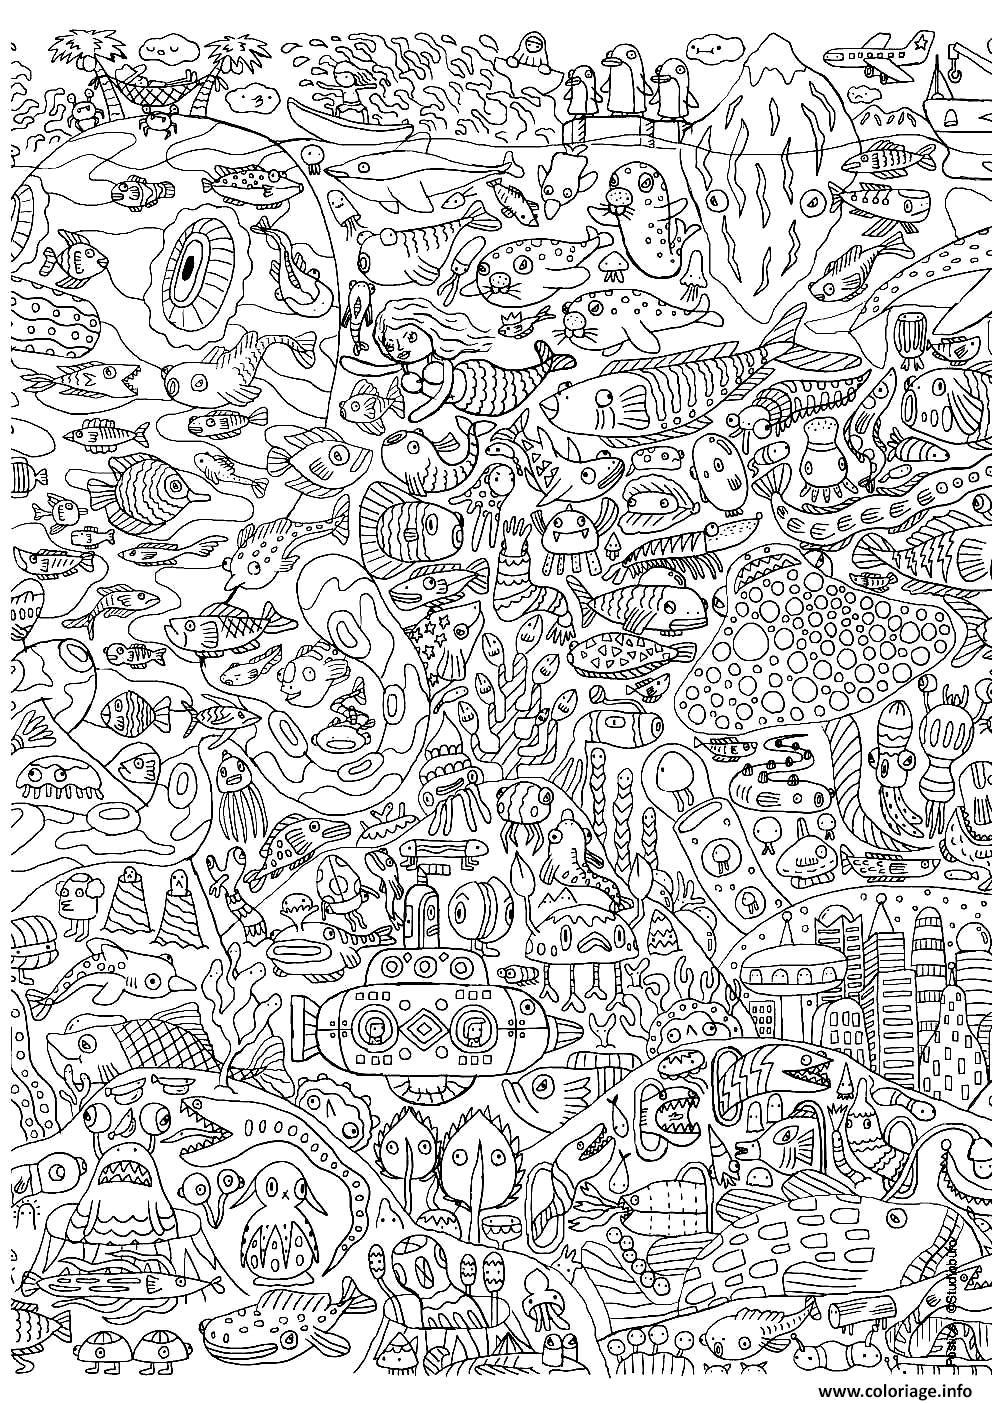 Coloriage pour adultes 13 dessin - Coloriages pour adultes ...